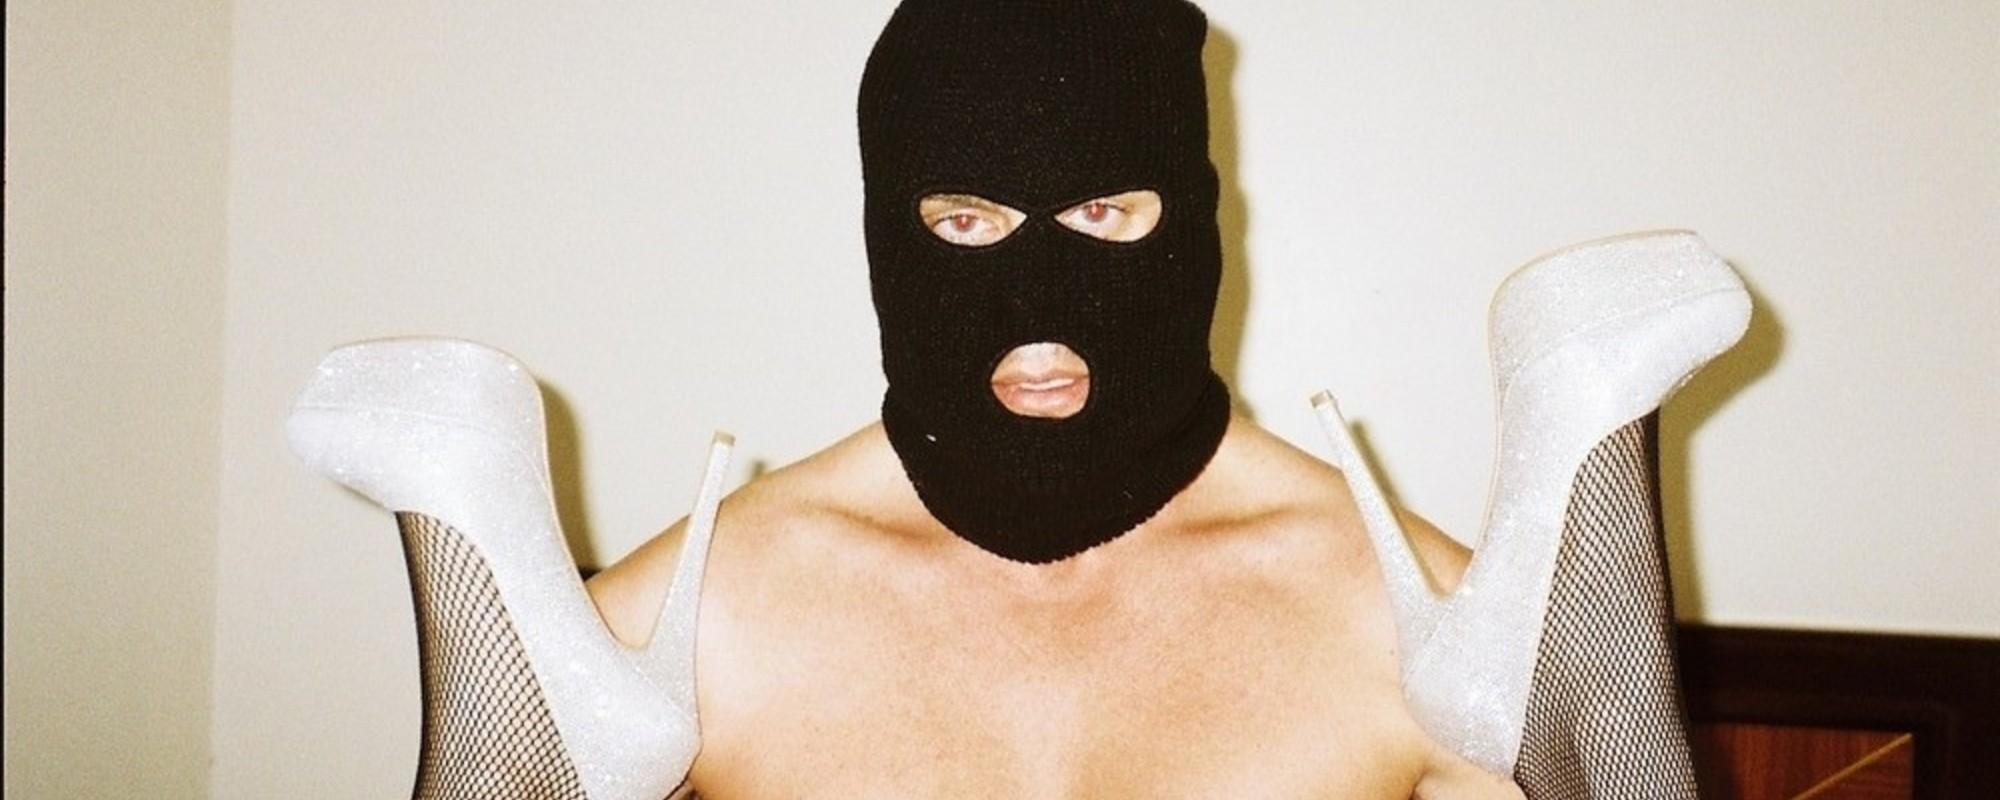 Fotografando as Surubas Anônimas do Craigslist na Inglaterra